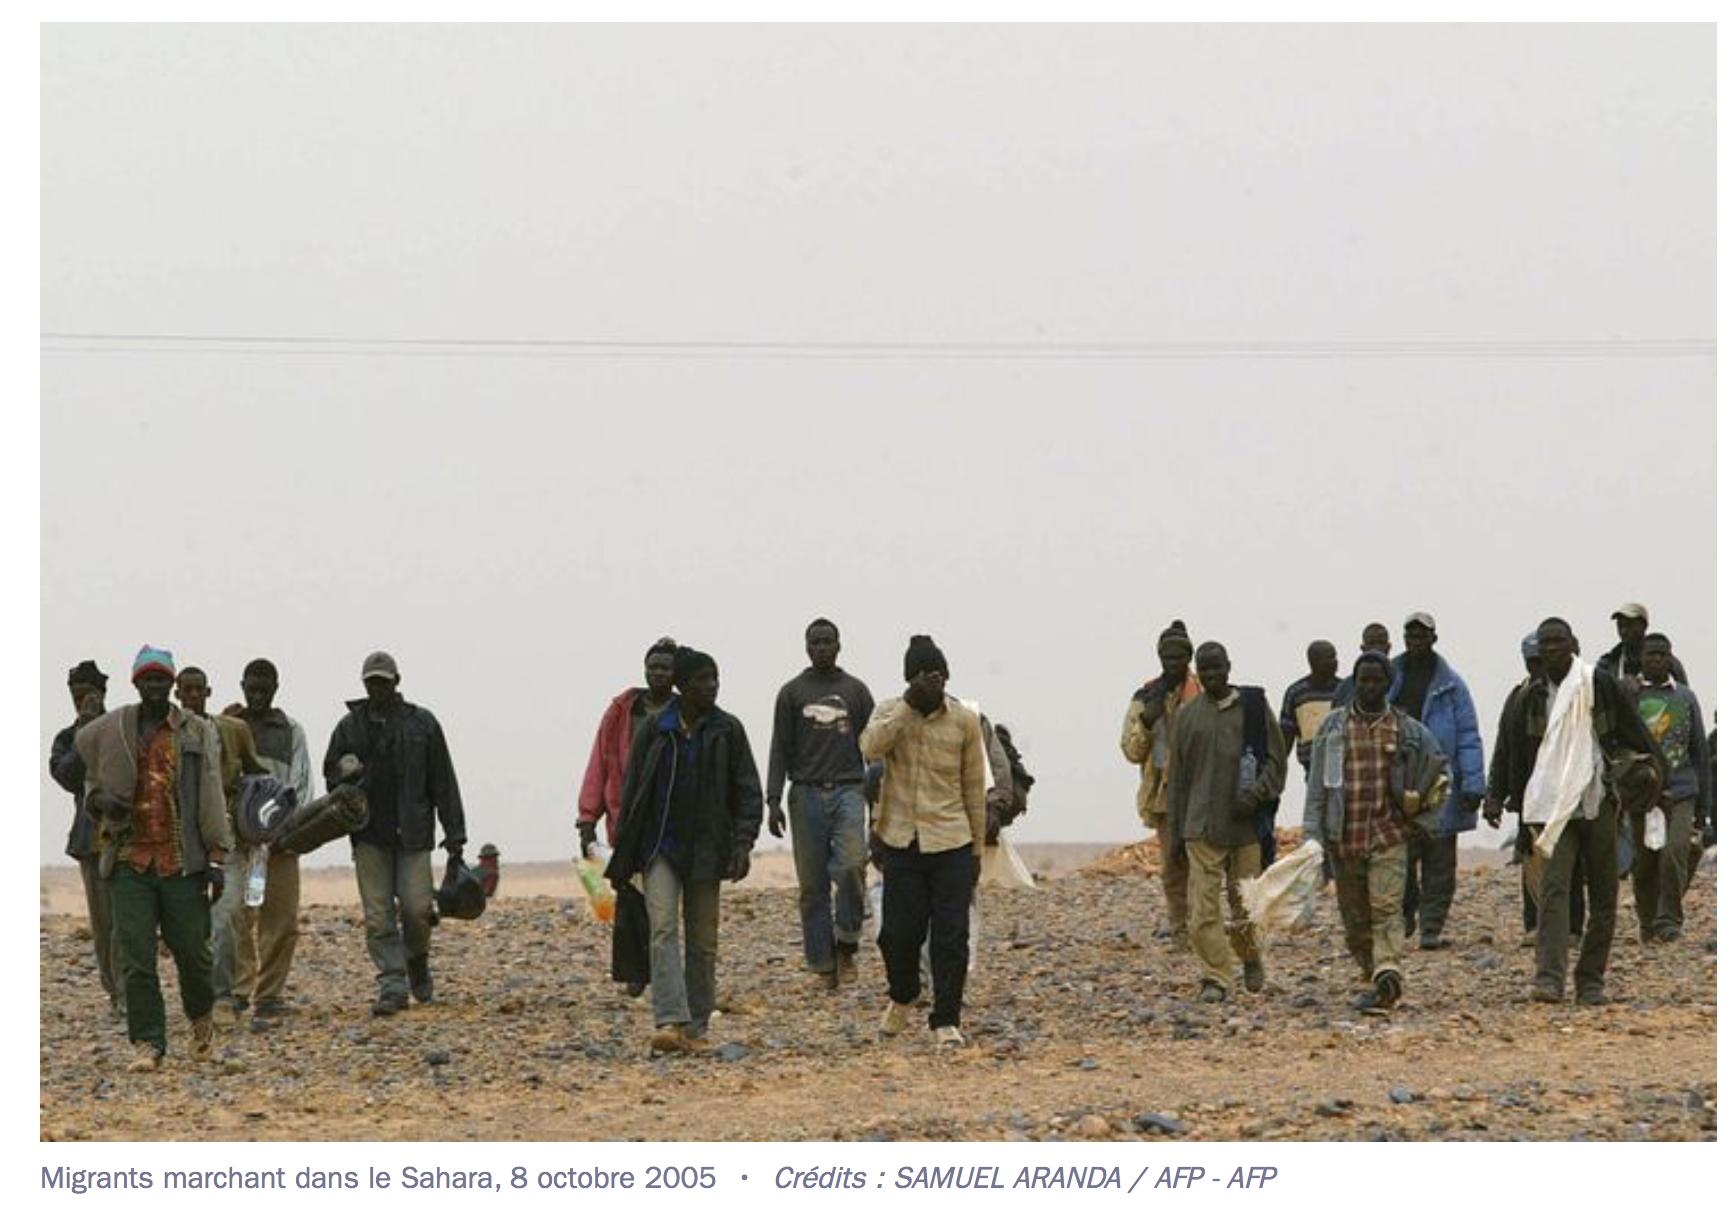 C'est officiel, des centaines de millions de Noirs vont bel et bien envahir l'Europe